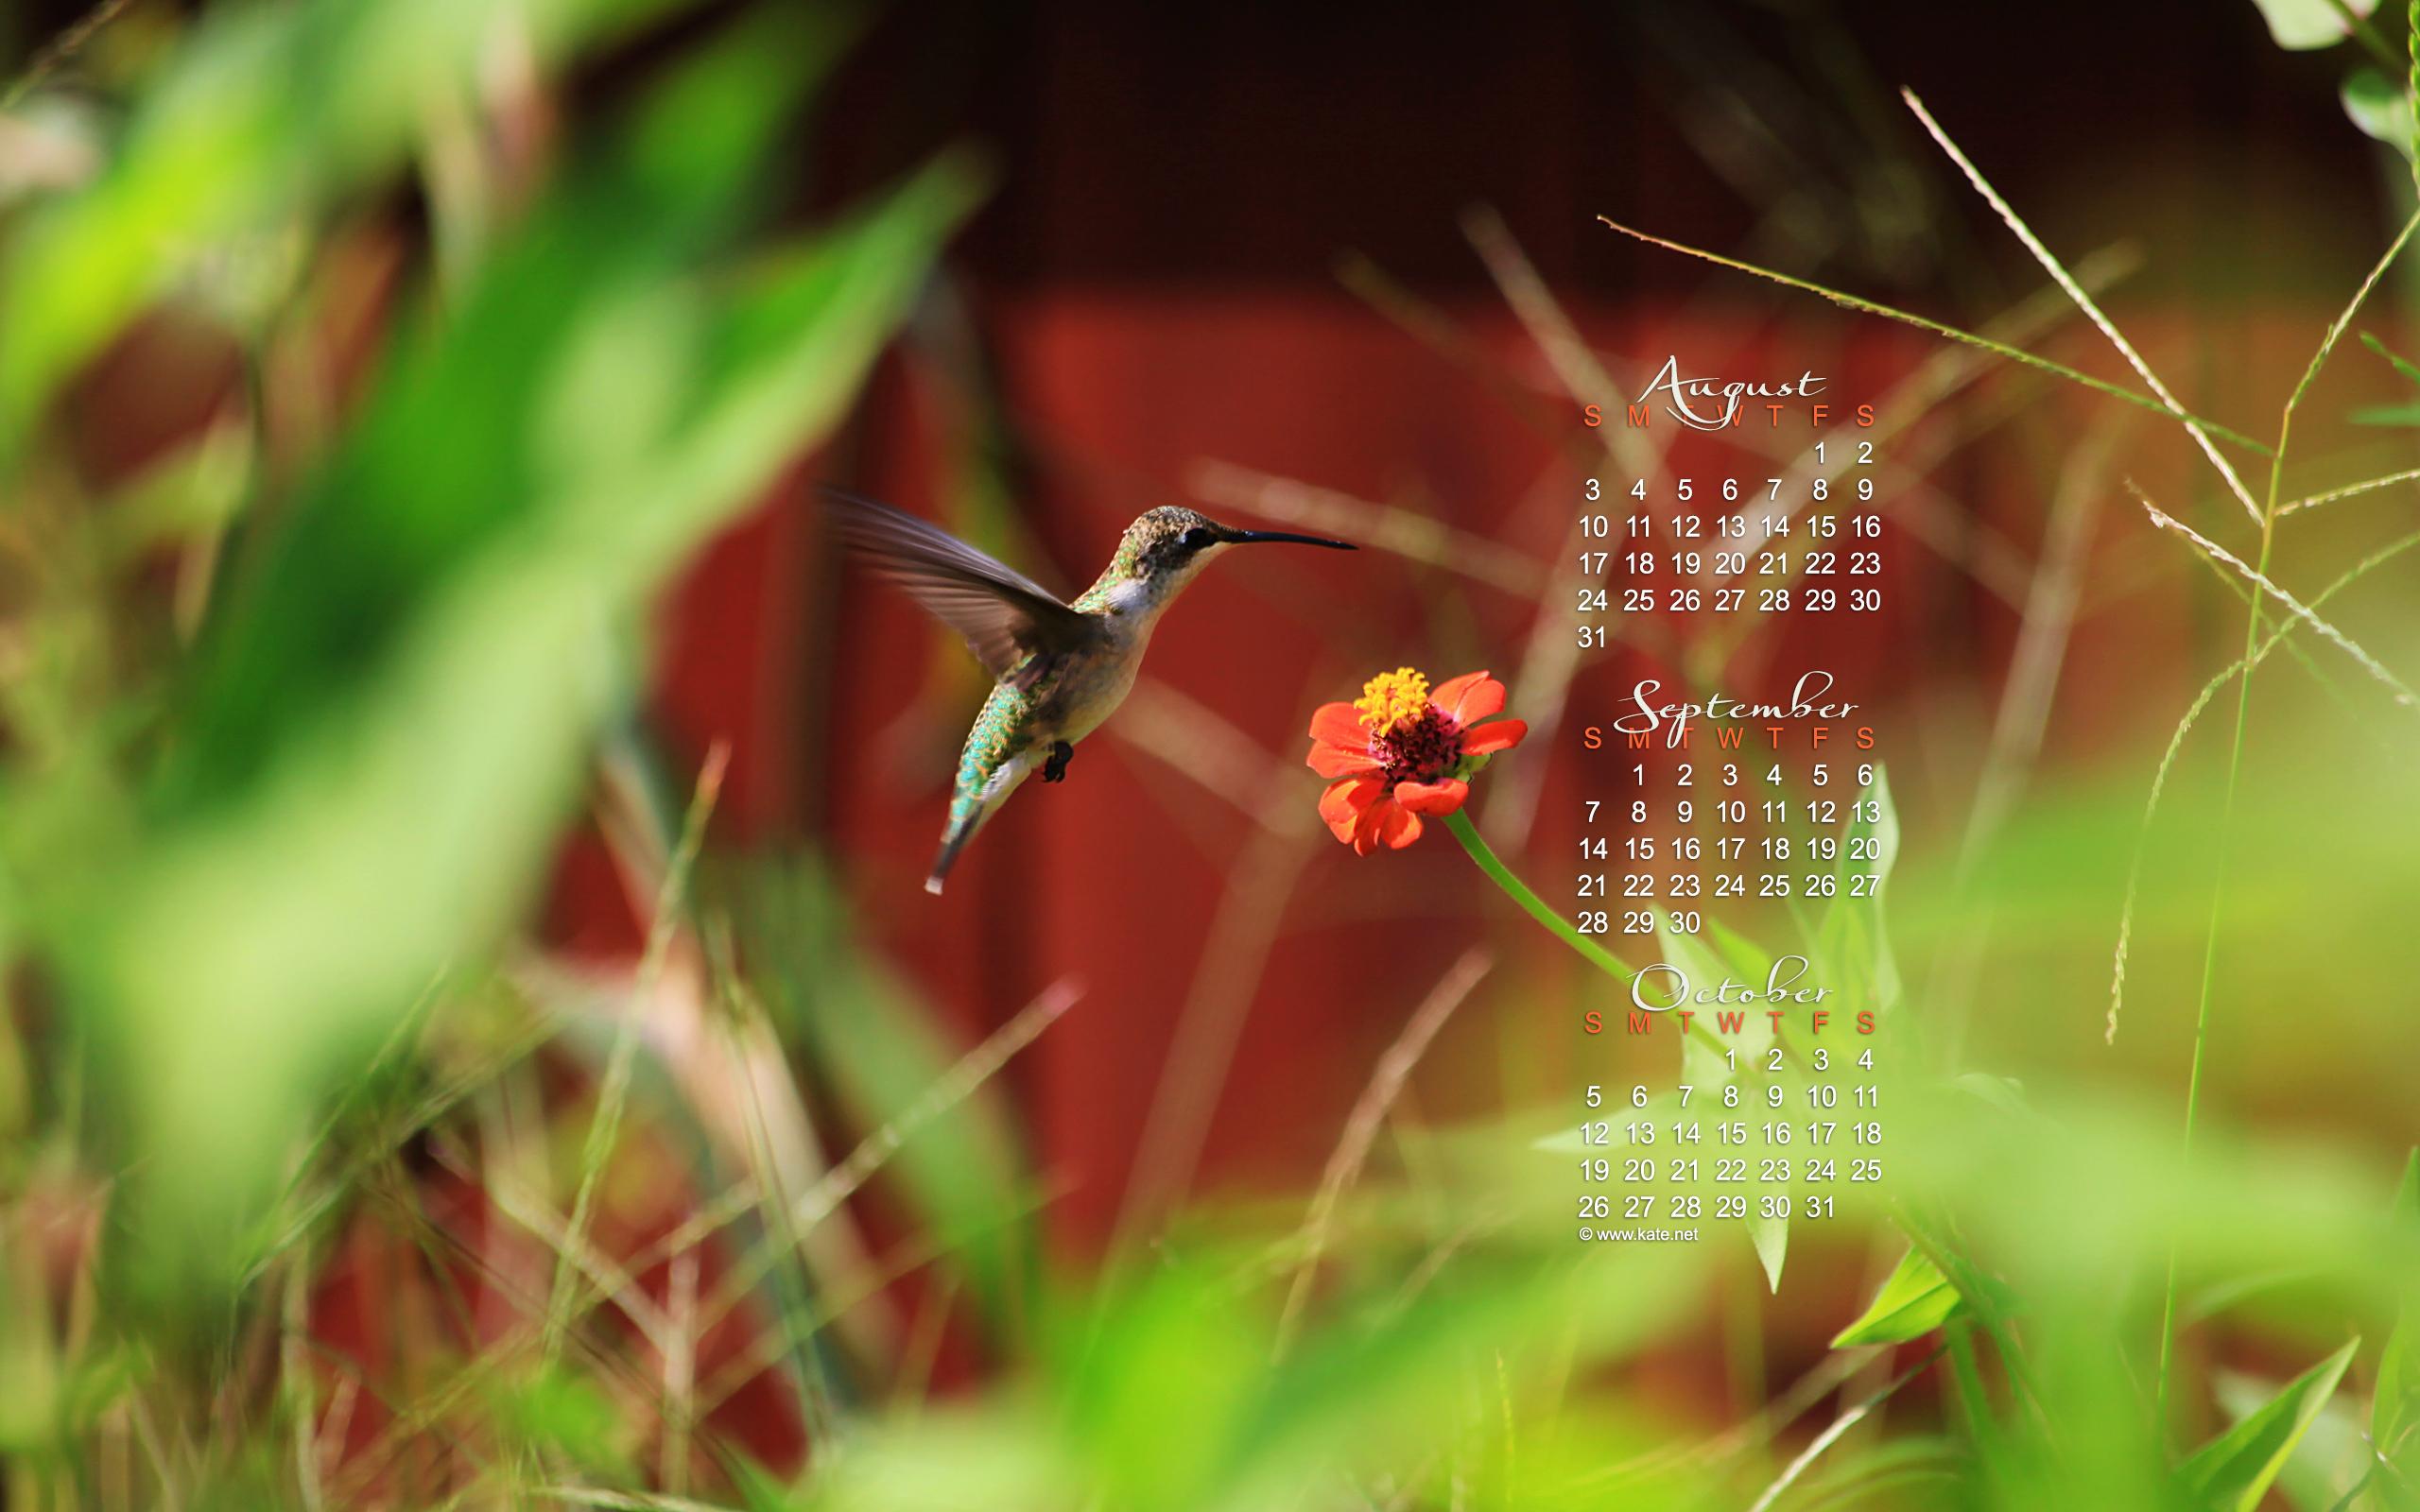 september calendar wallpaper hummingbird photo wallpaper kate net 2560x1600